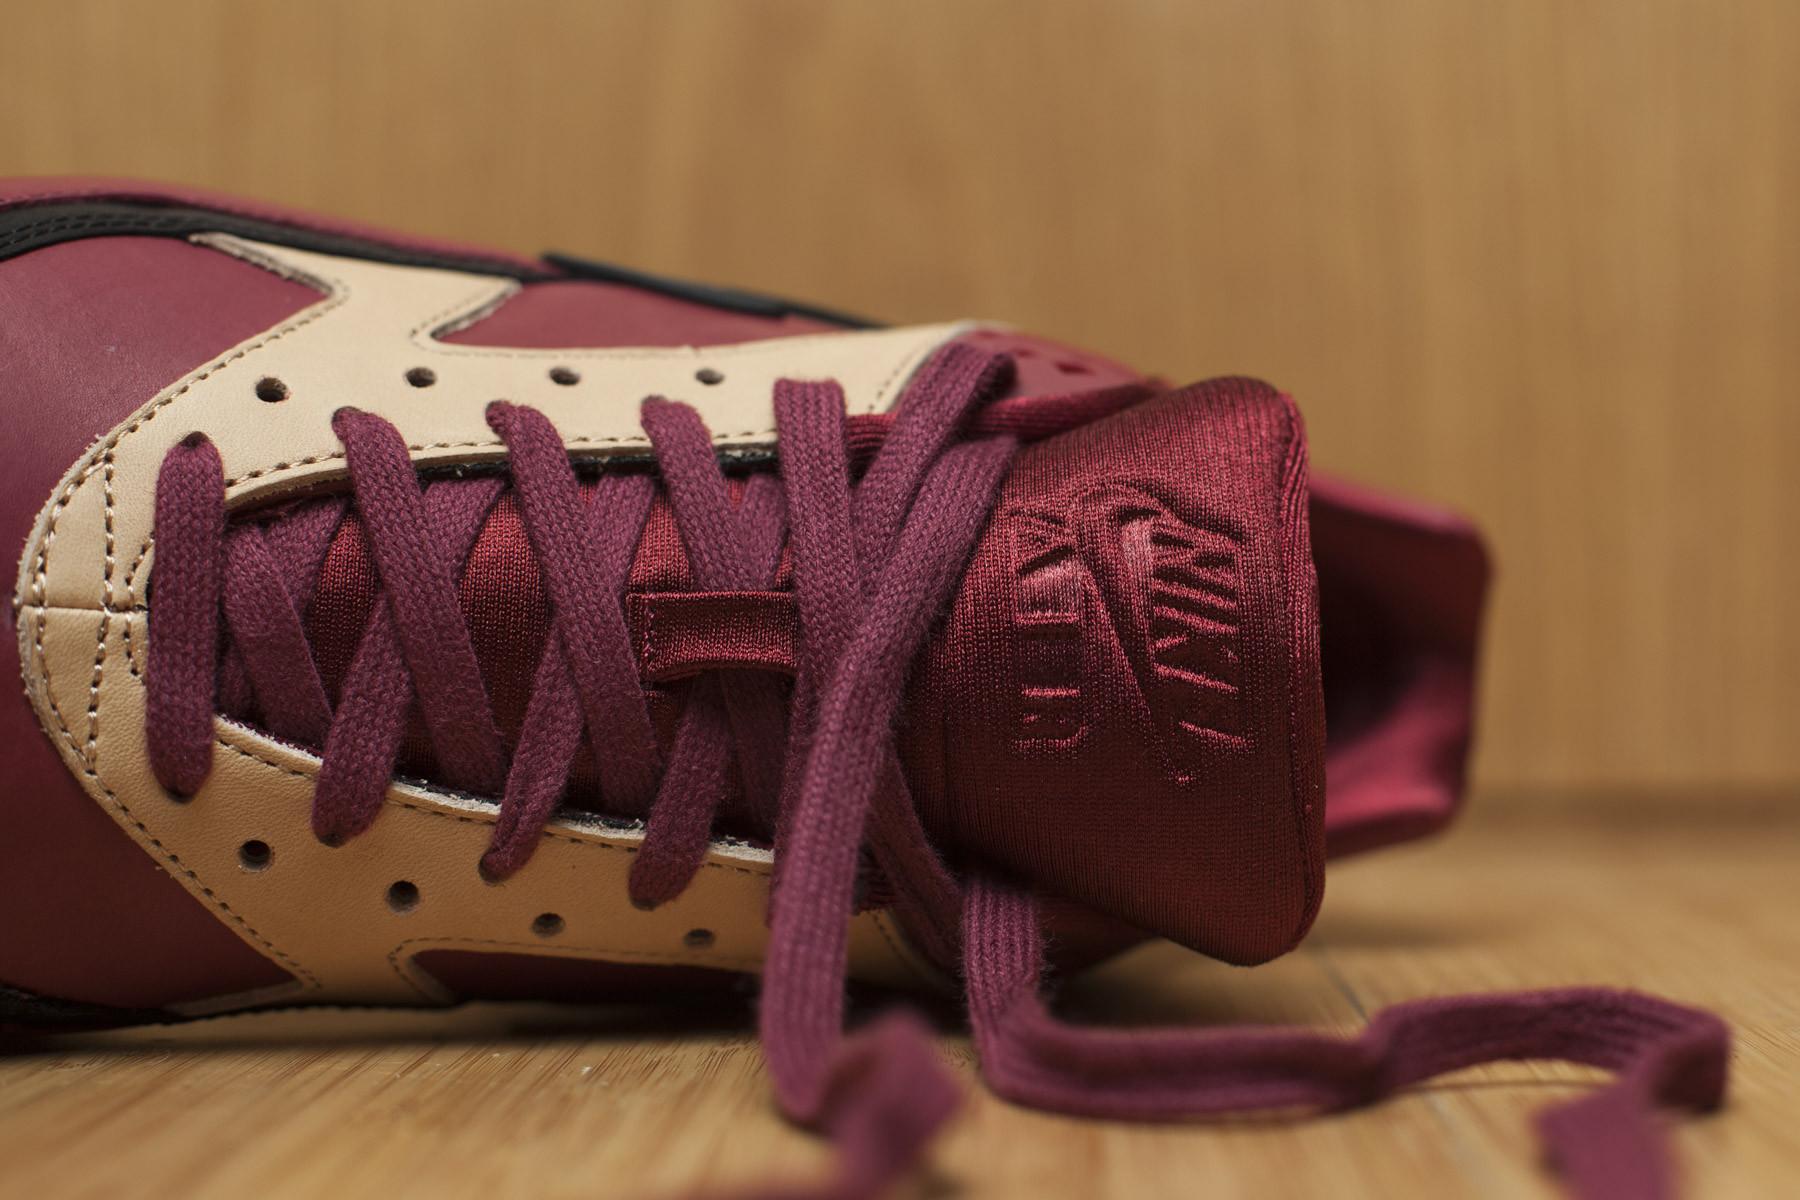 Nike Air Max BW Premium Vachetta Tan Black